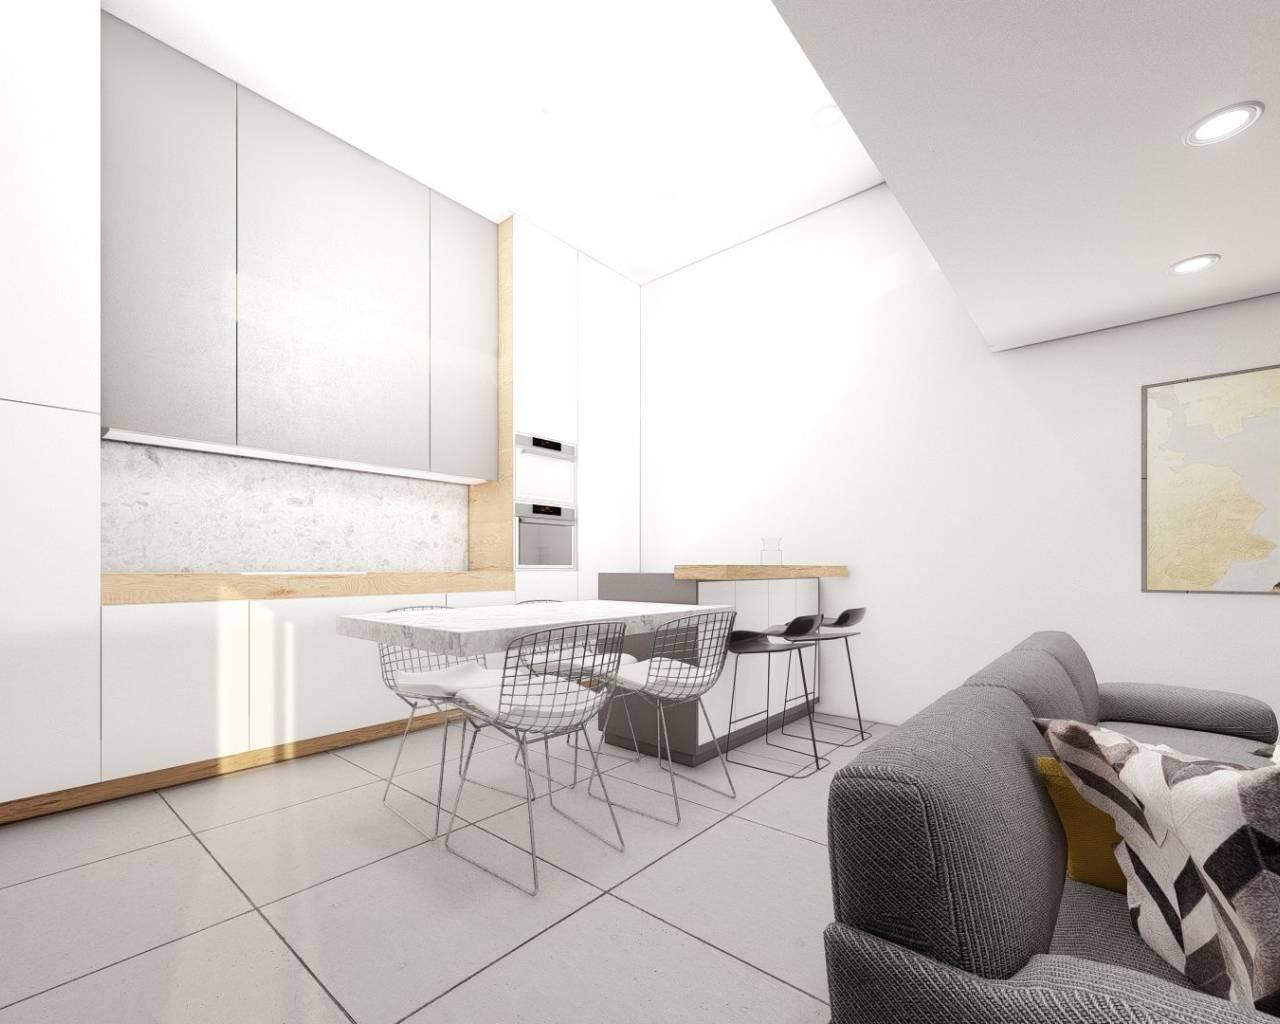 nieuwbouw-half-vrijstaande-villa-roldan_5738_xl